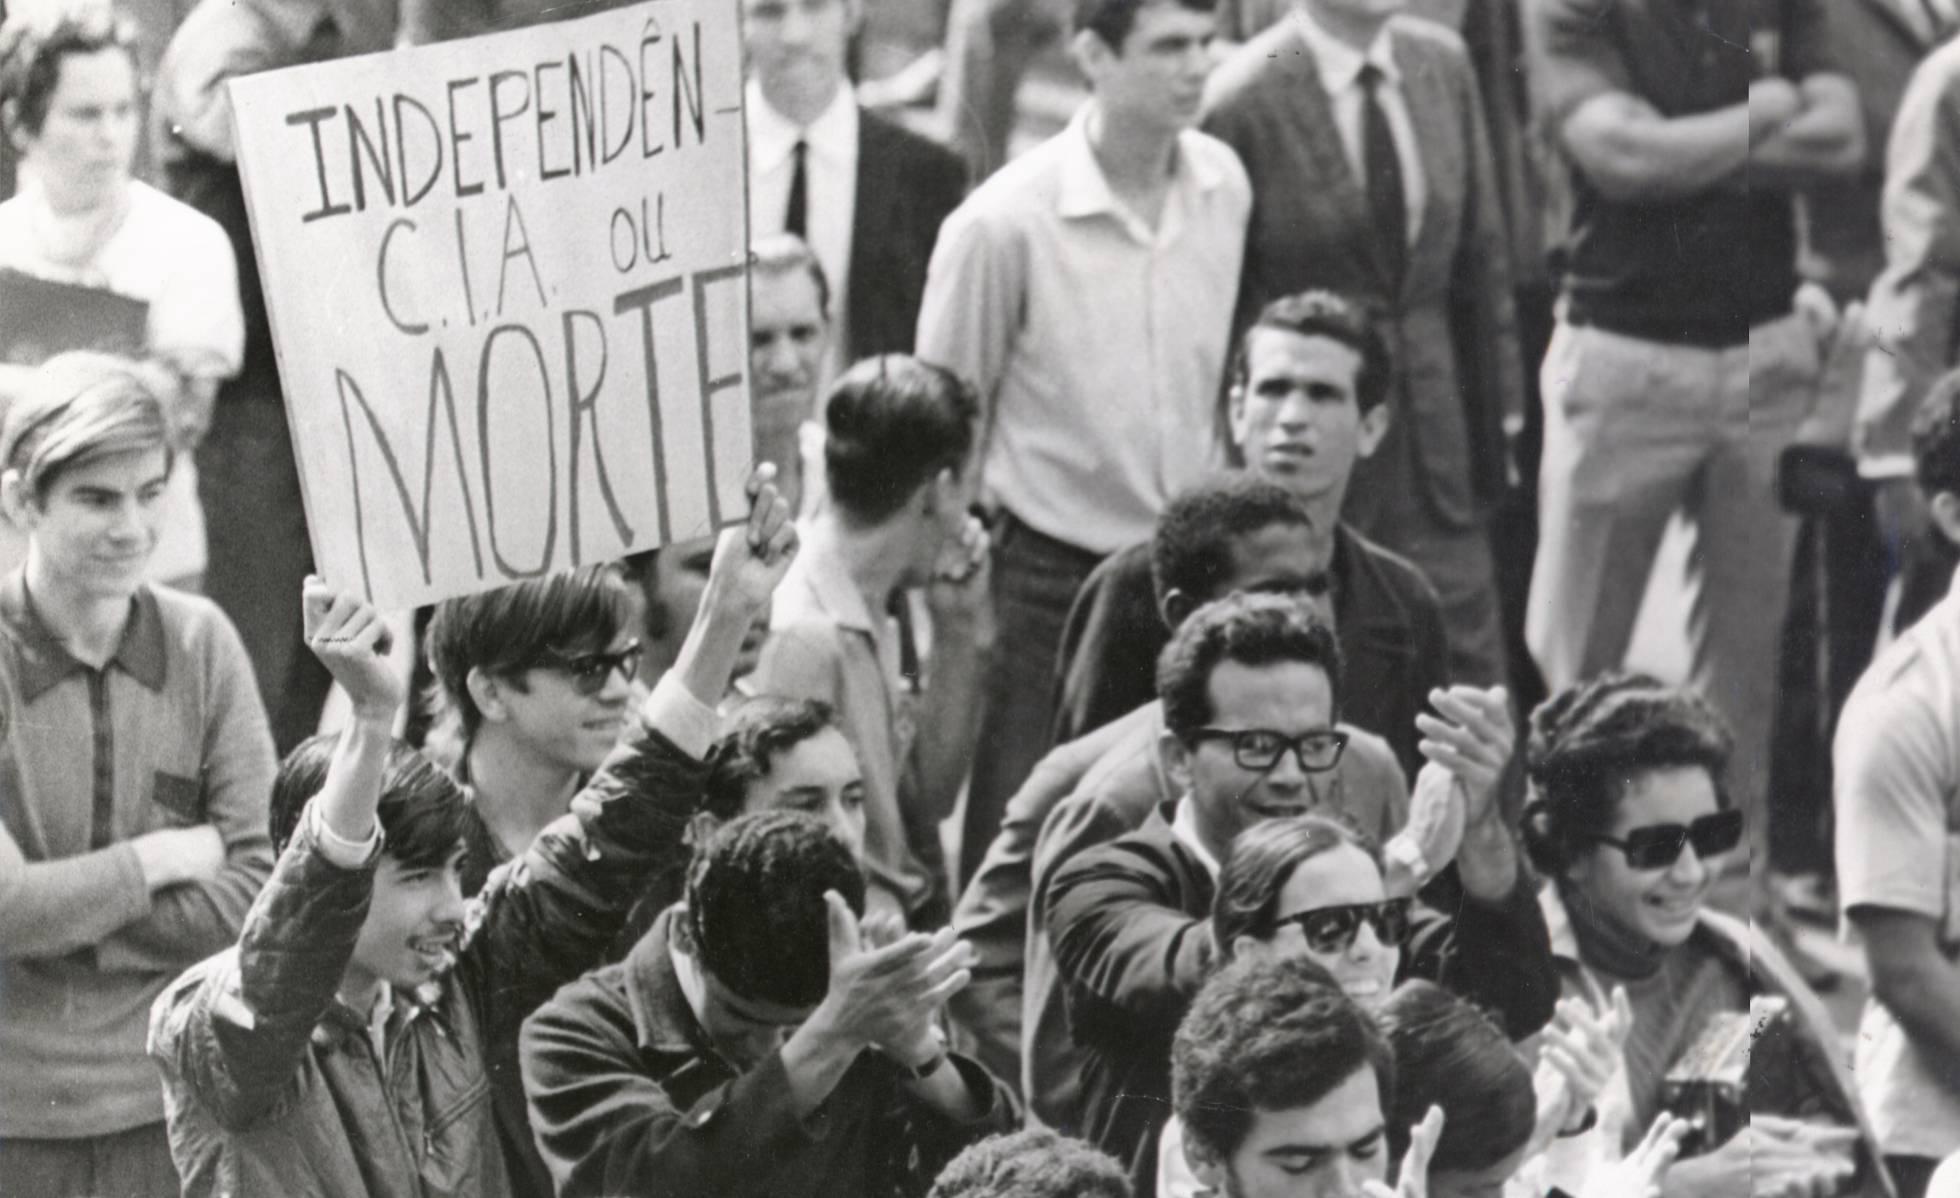 Foto: Manifestação no Rio de Janeiro em junho de 1968. Arquivo Nacional/Correio da Manhã (brasil.elpais.com).